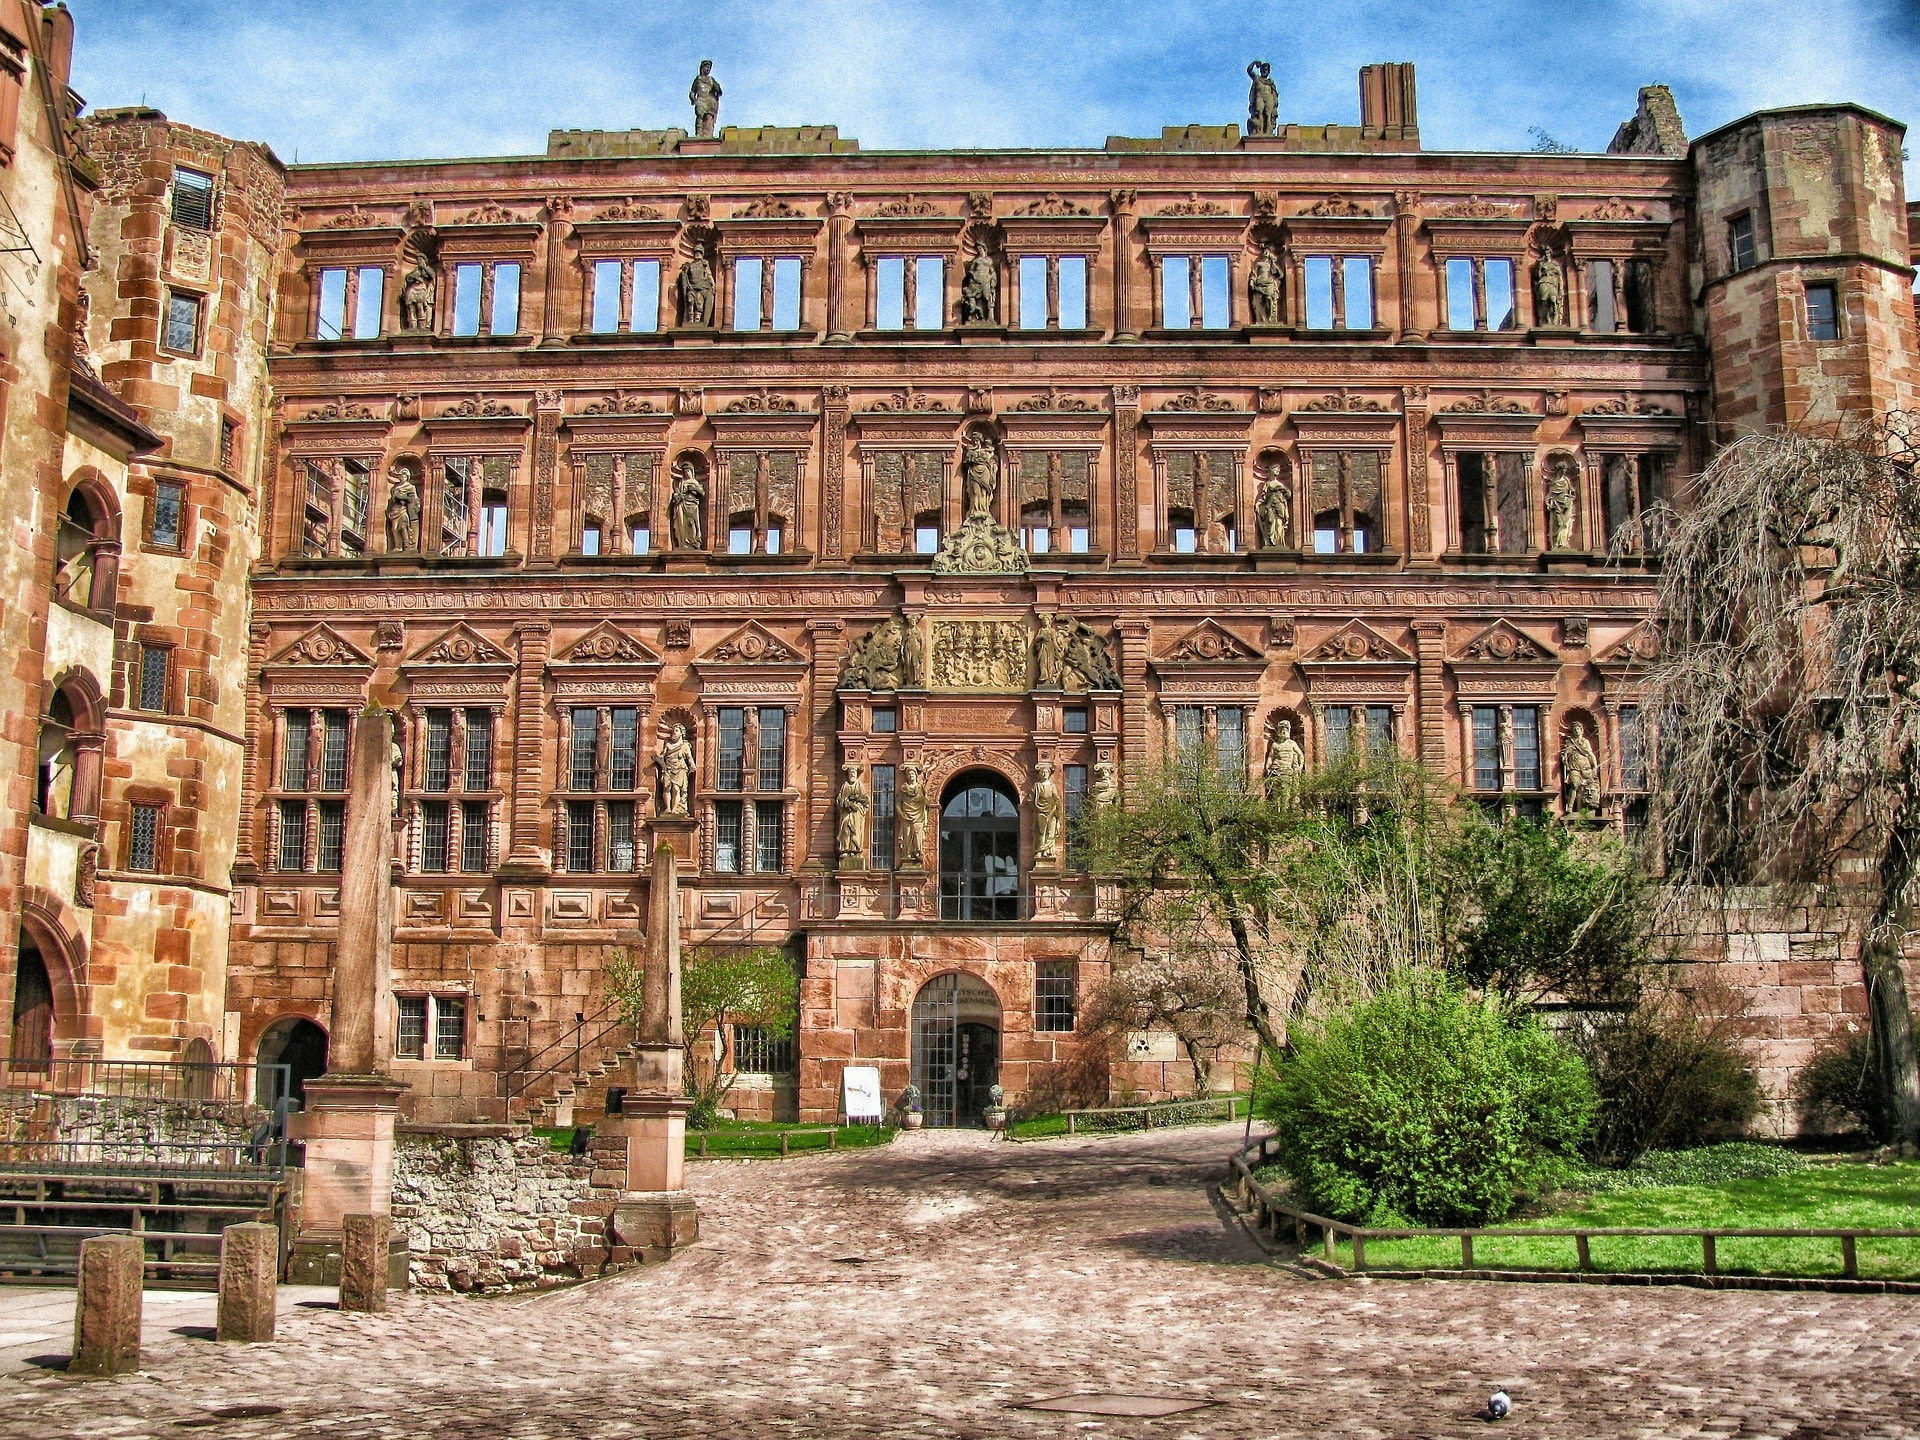 deutsches Heidelberg Deutsches Apothekenmuseum Historisches Gebäude Schloss